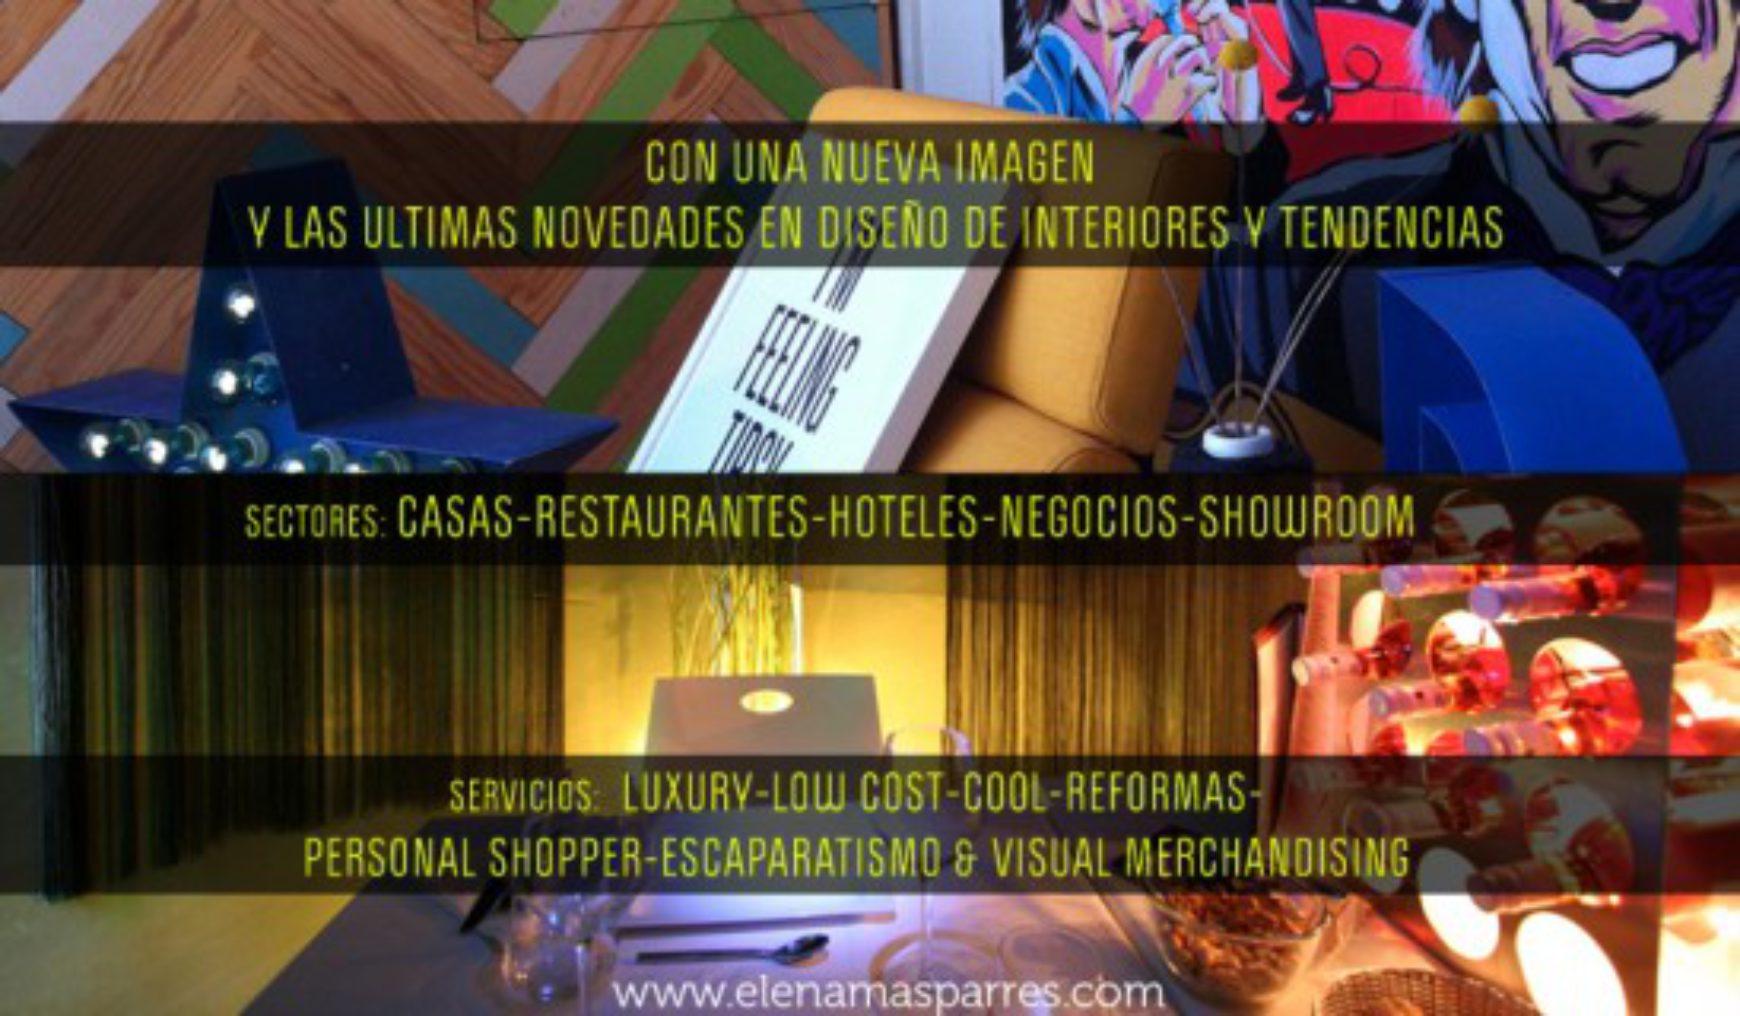 Elena Mas Parres, Diseñadora y 'Coolhunter'